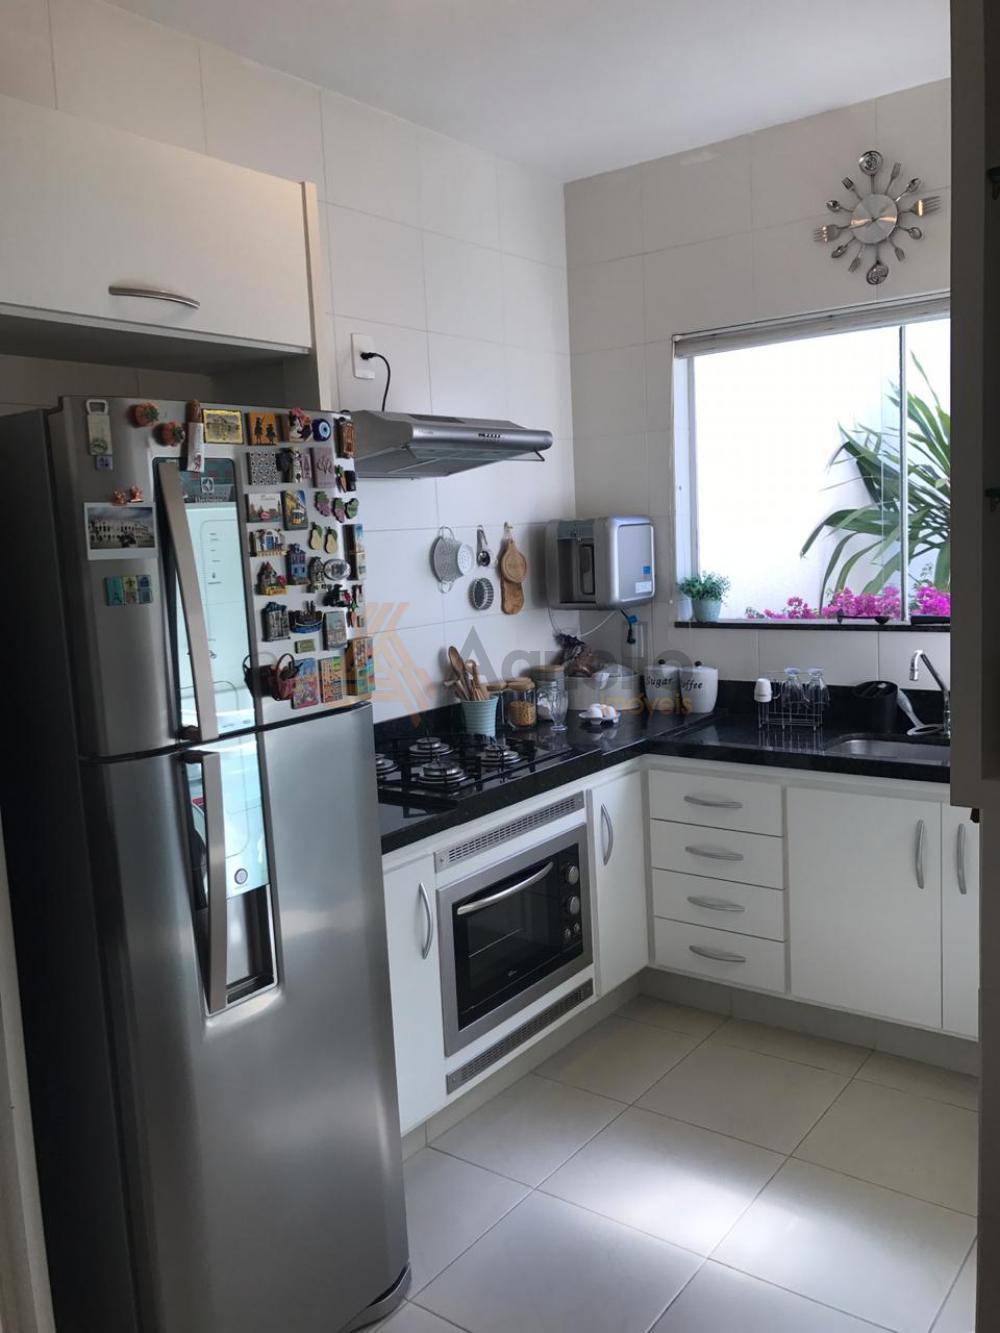 Comprar Casa / Condomínio em Franca R$ 650.000,00 - Foto 8